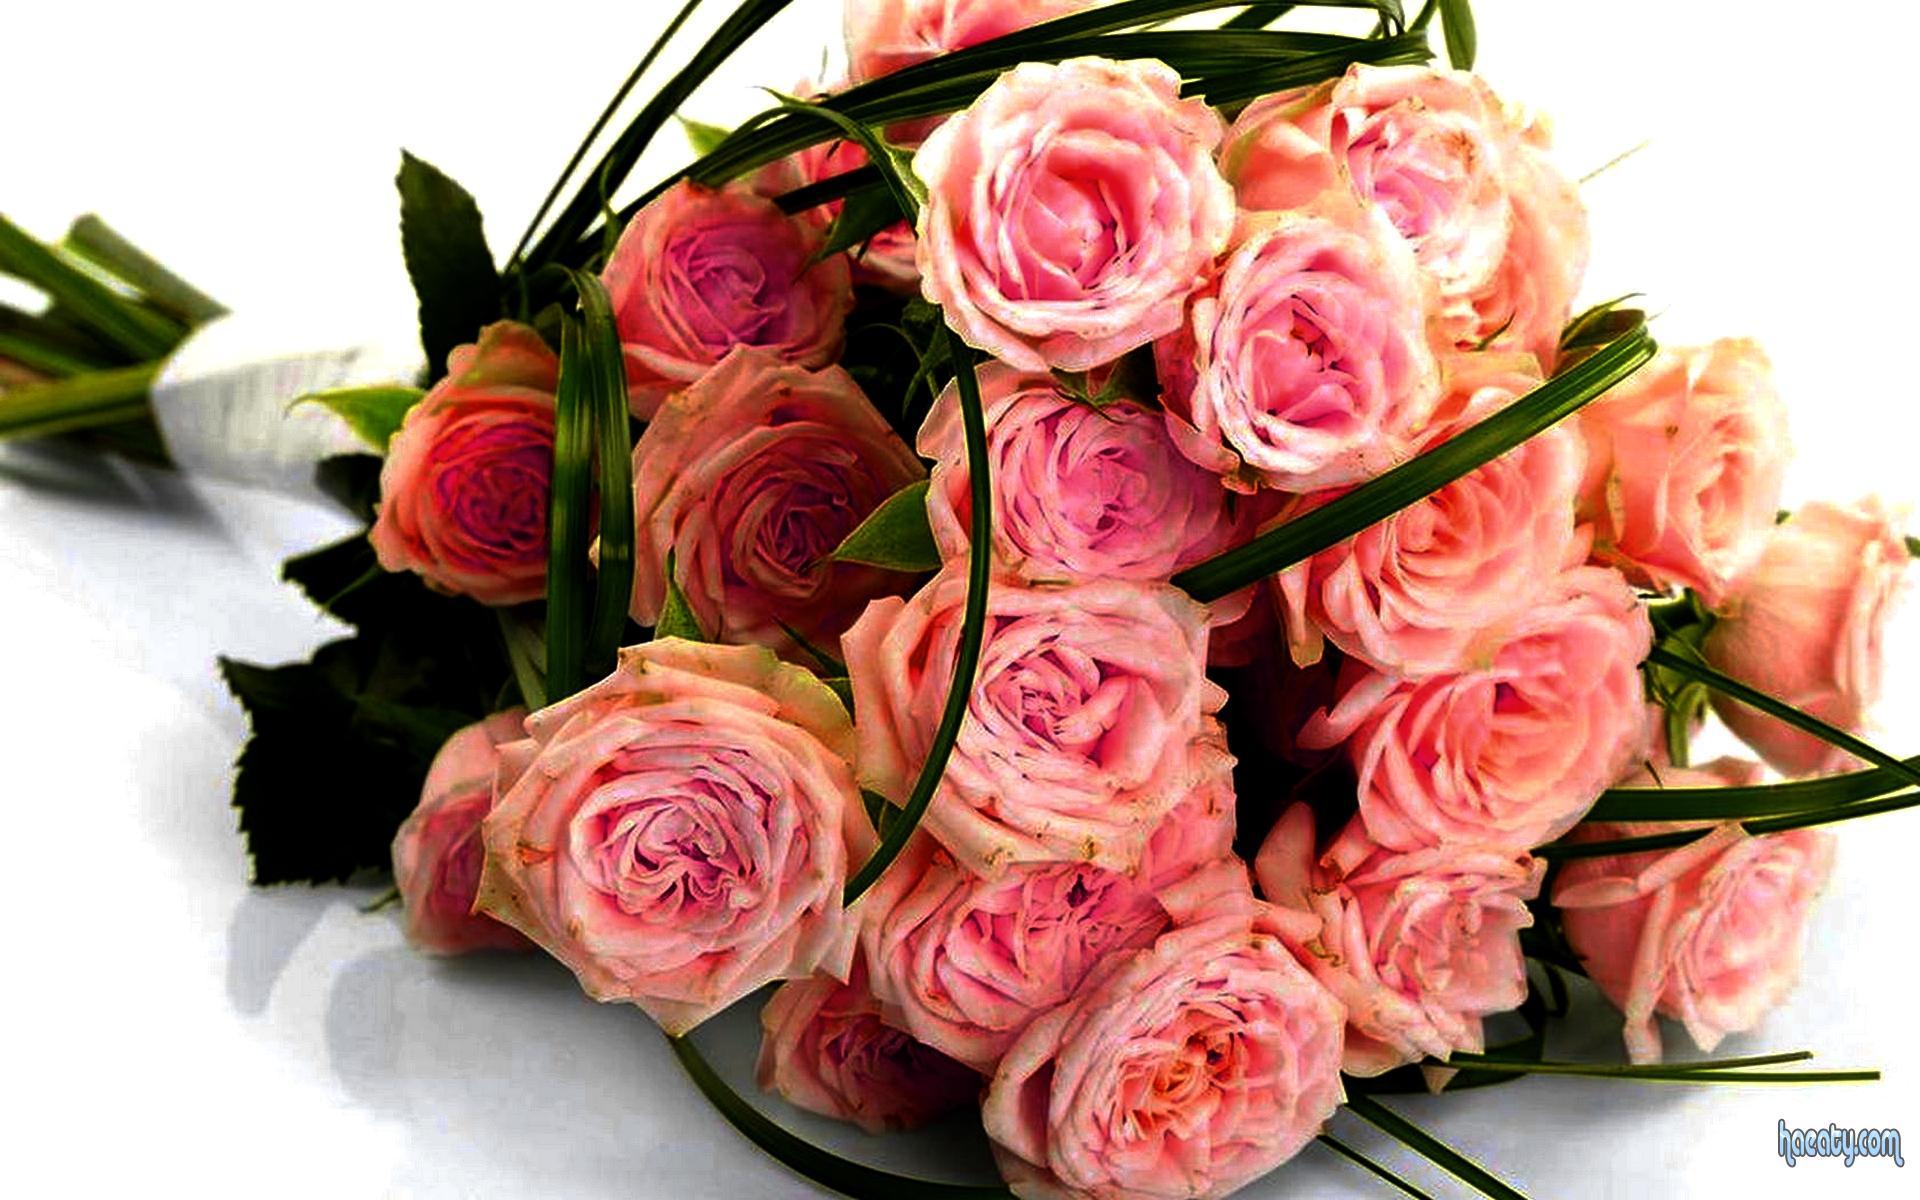 بالصور اجمل بوكيه ورد فى الدنيا , صور الورد روعة 3495 10